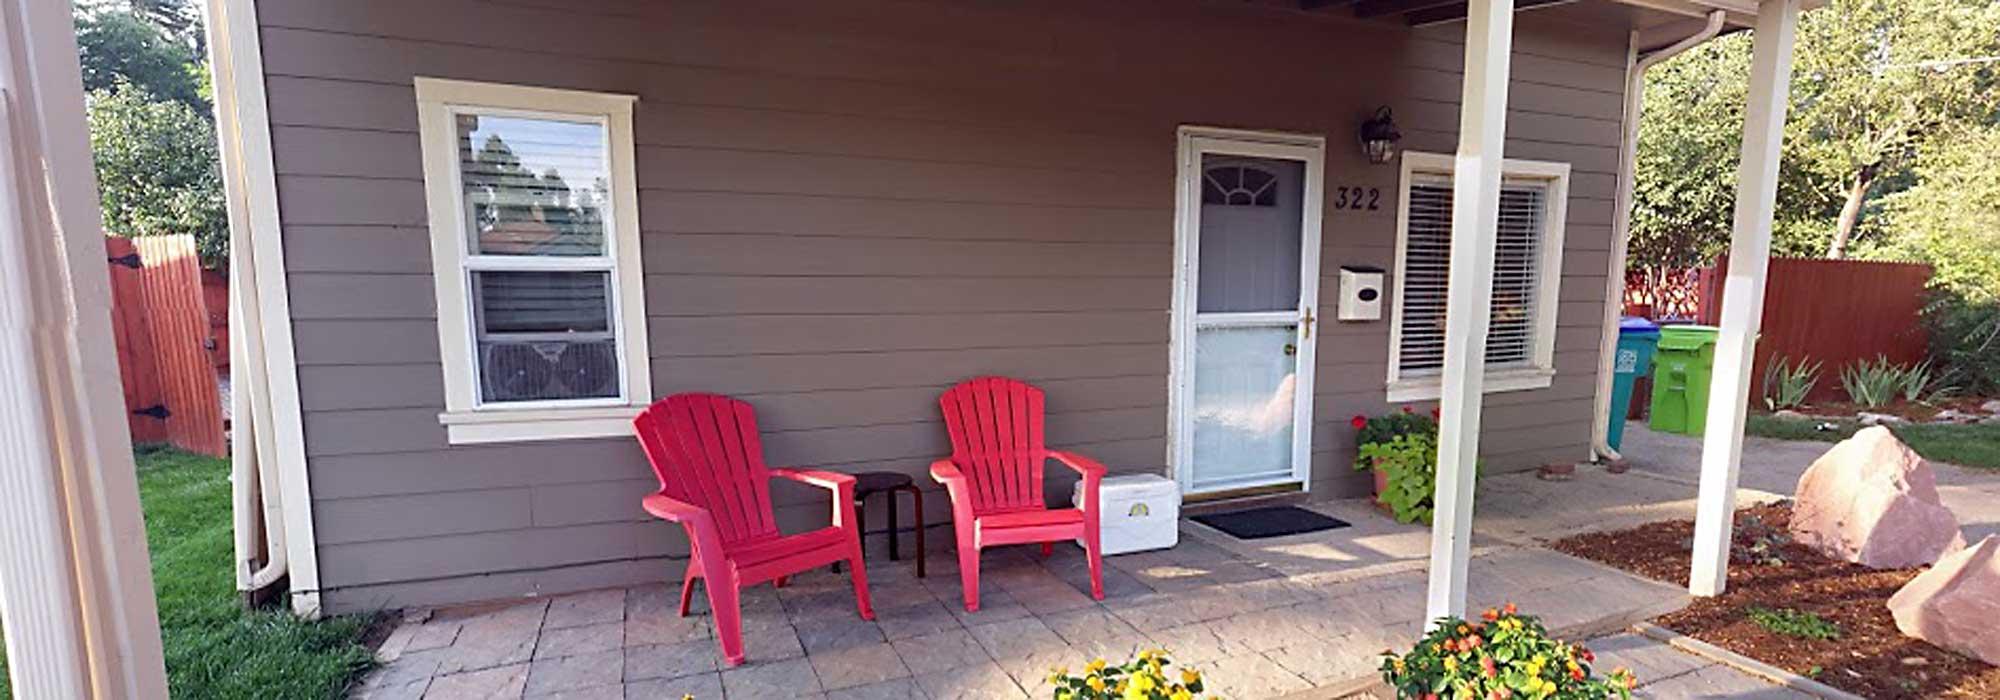 322 Parker St Fort Collins, CO 80525